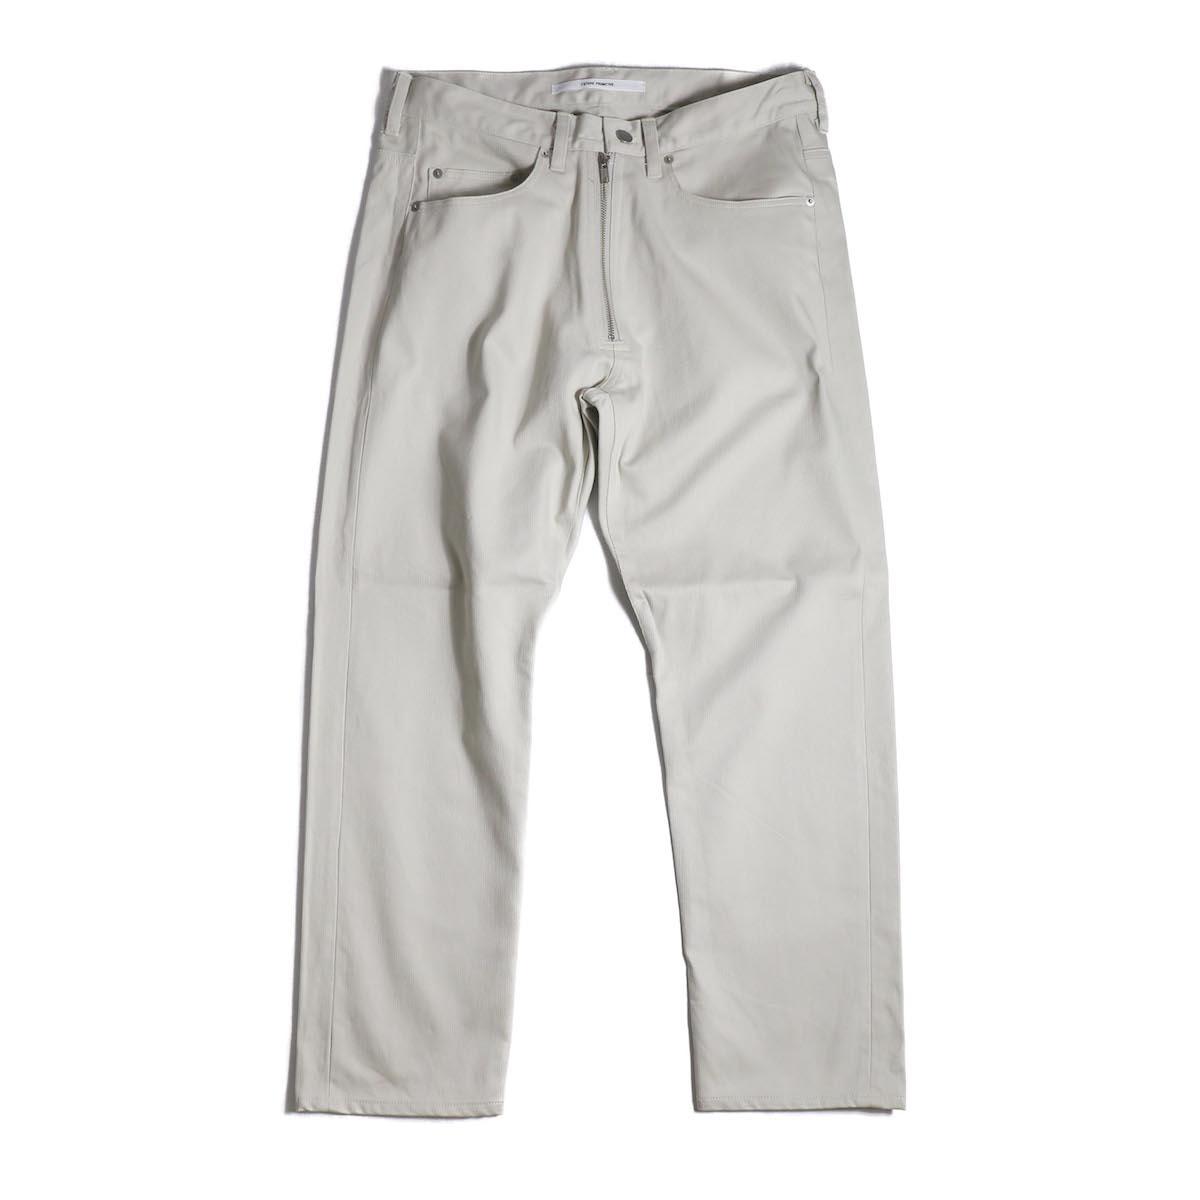 FUTURE PRIMITIVE / FP FZ PIQUE PANTS -OFF WHITE